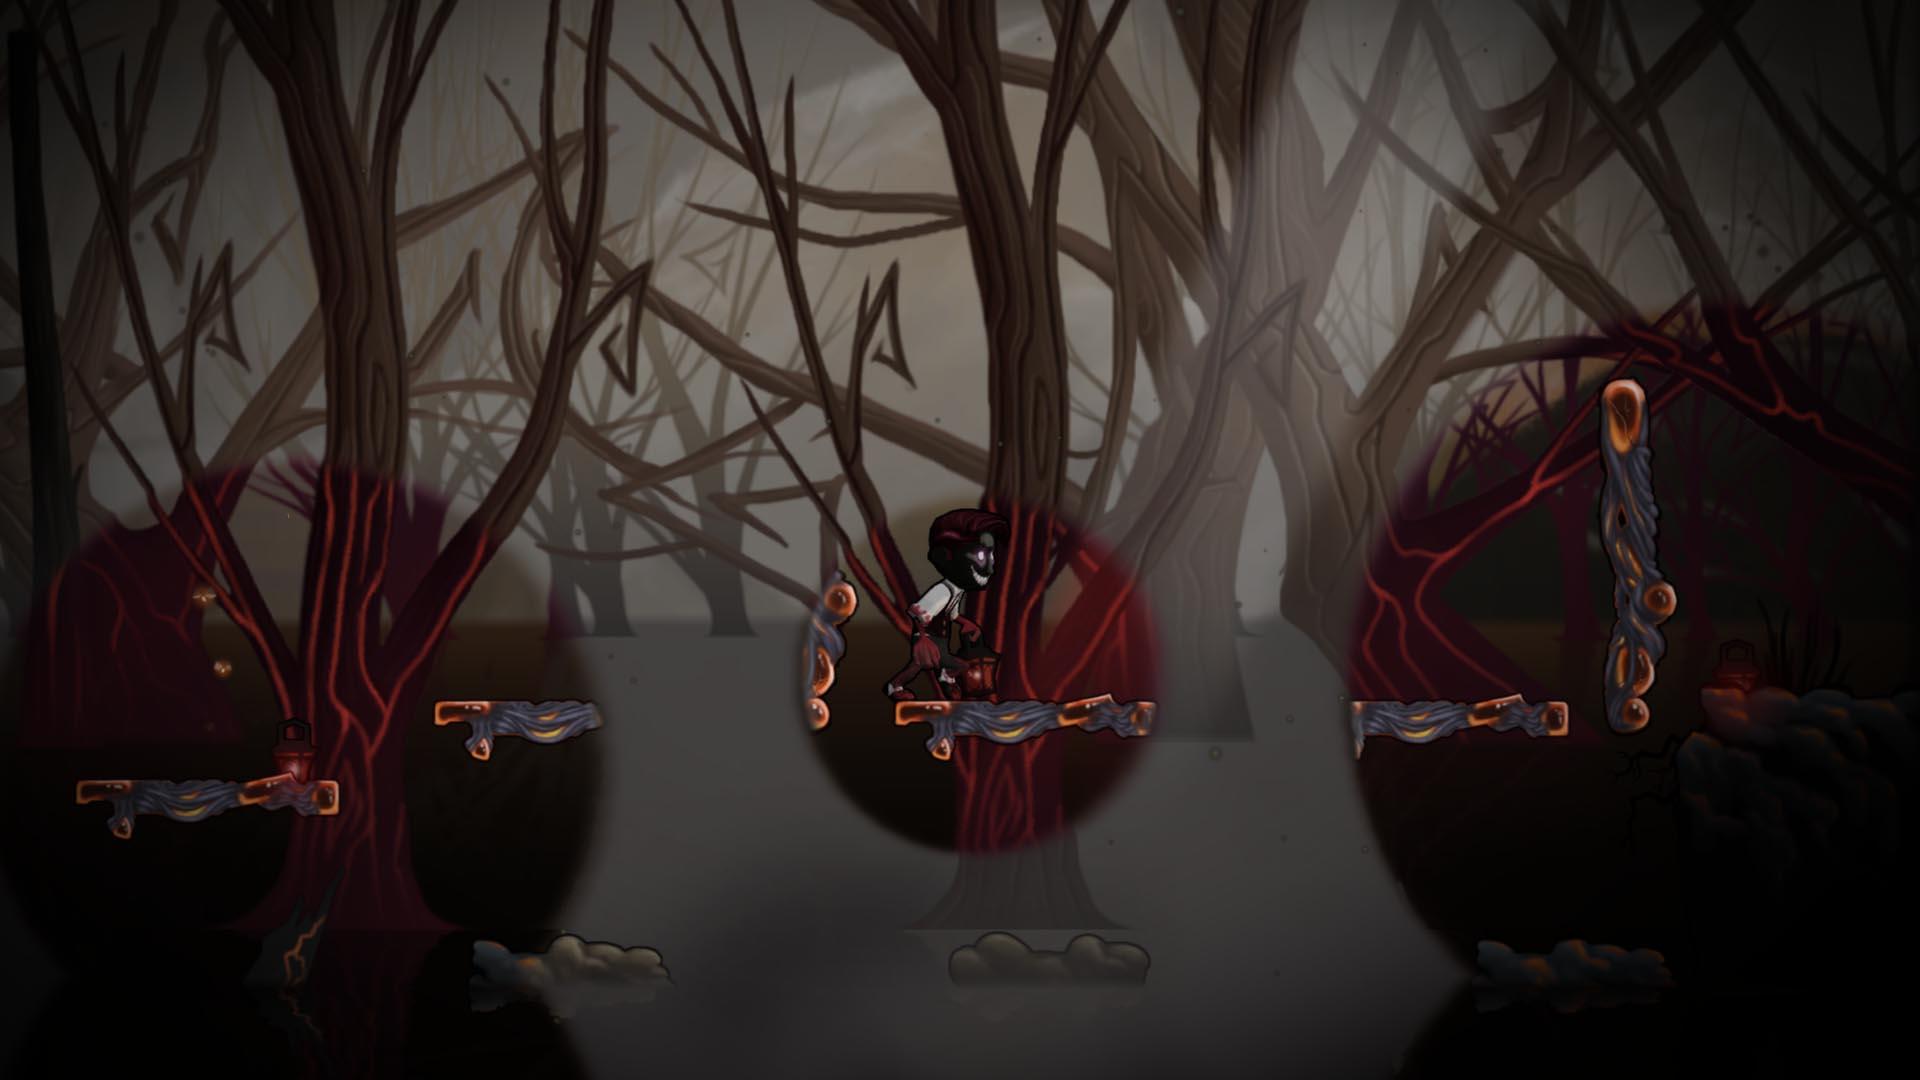 Der Hauptcharakter hält eine rot leuchtende Laterne, dessen Licht ihn verändert und mit einer dämonischen Fratze darstellt.